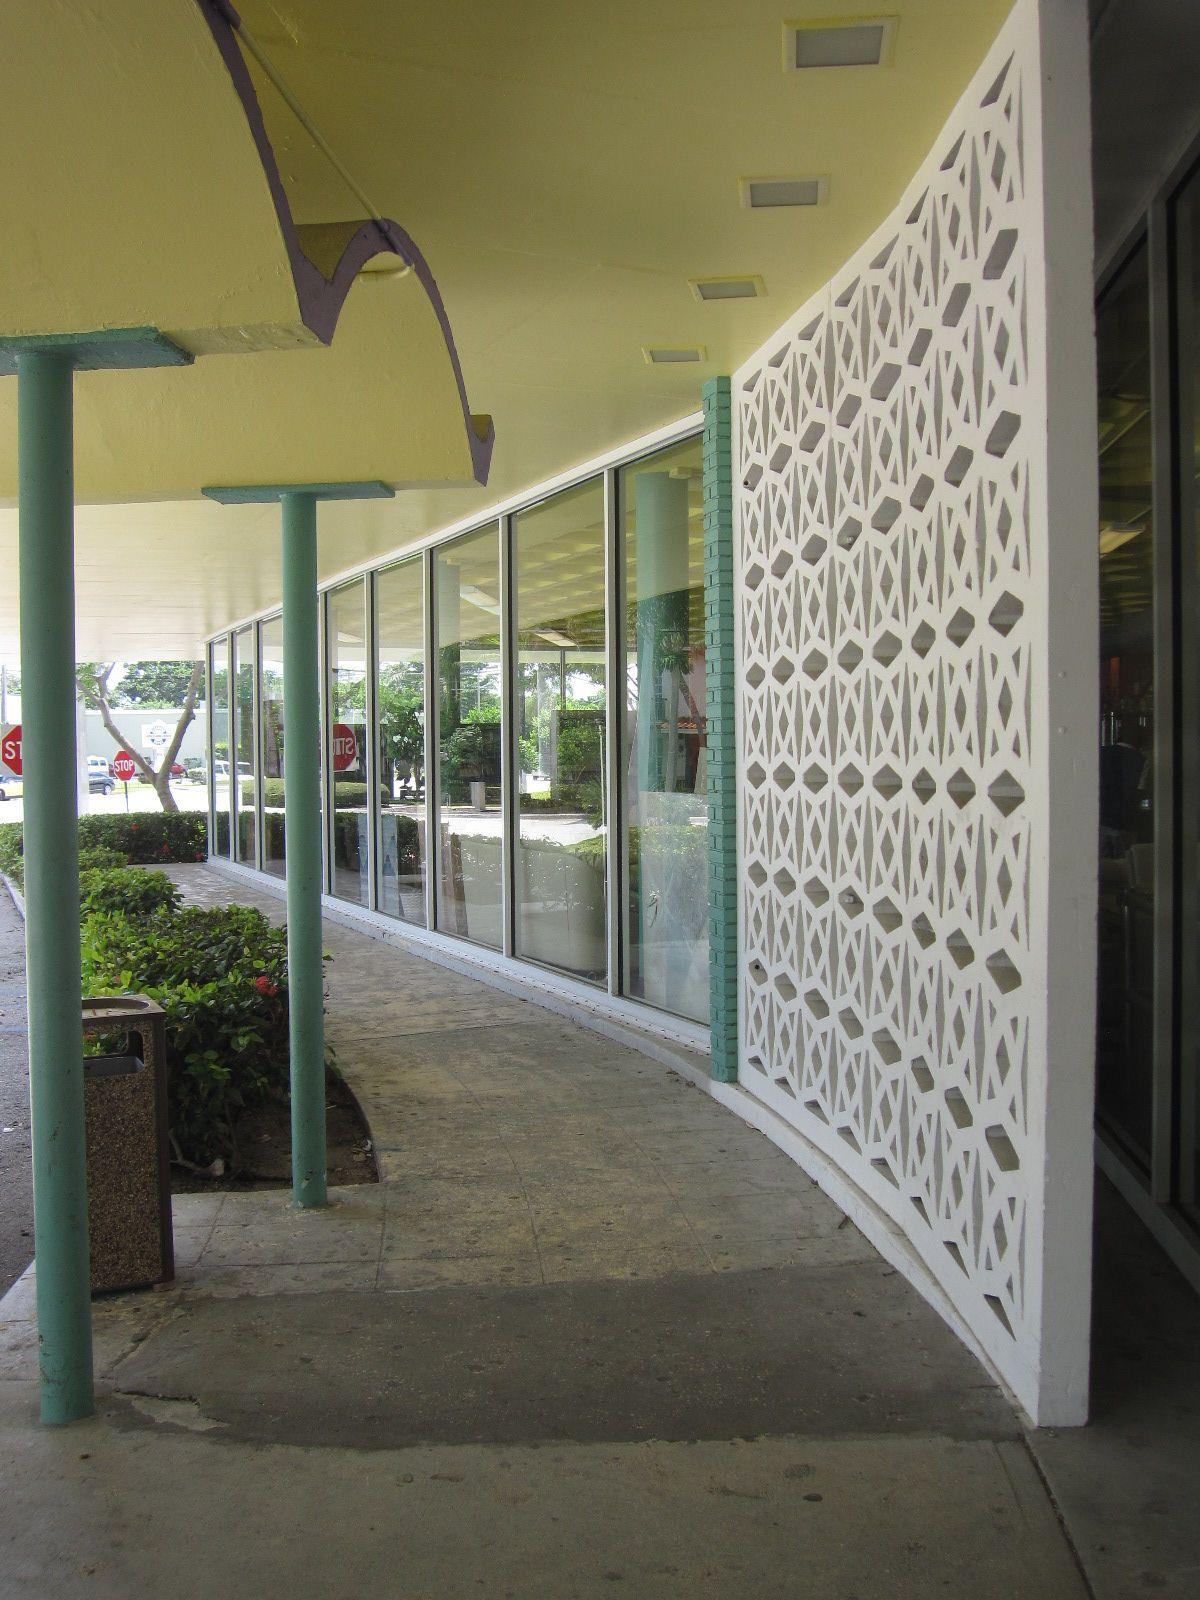 hacienda pin for google blocks sale decor pinterest search decorative concrete block